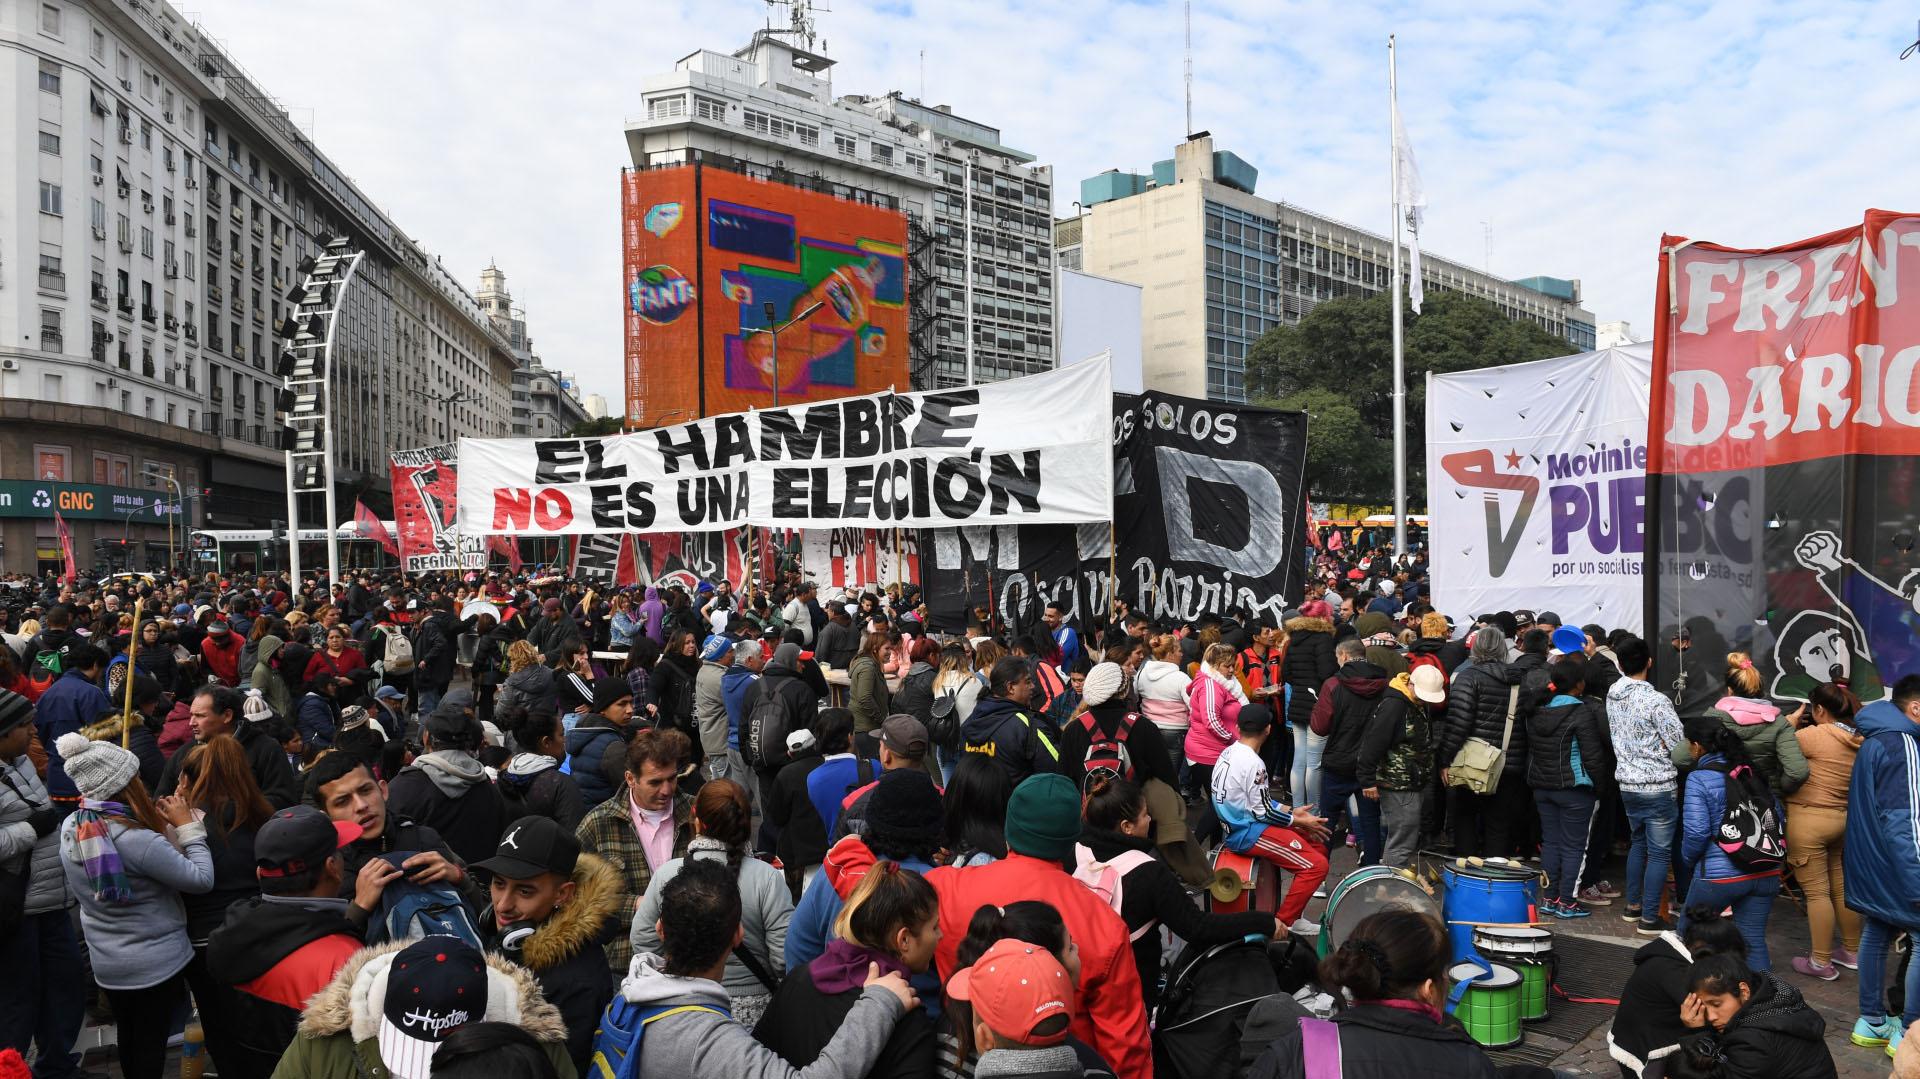 La movilizaciónse llevó adelante en la ciudad de Buenos Aires y 17 provincias